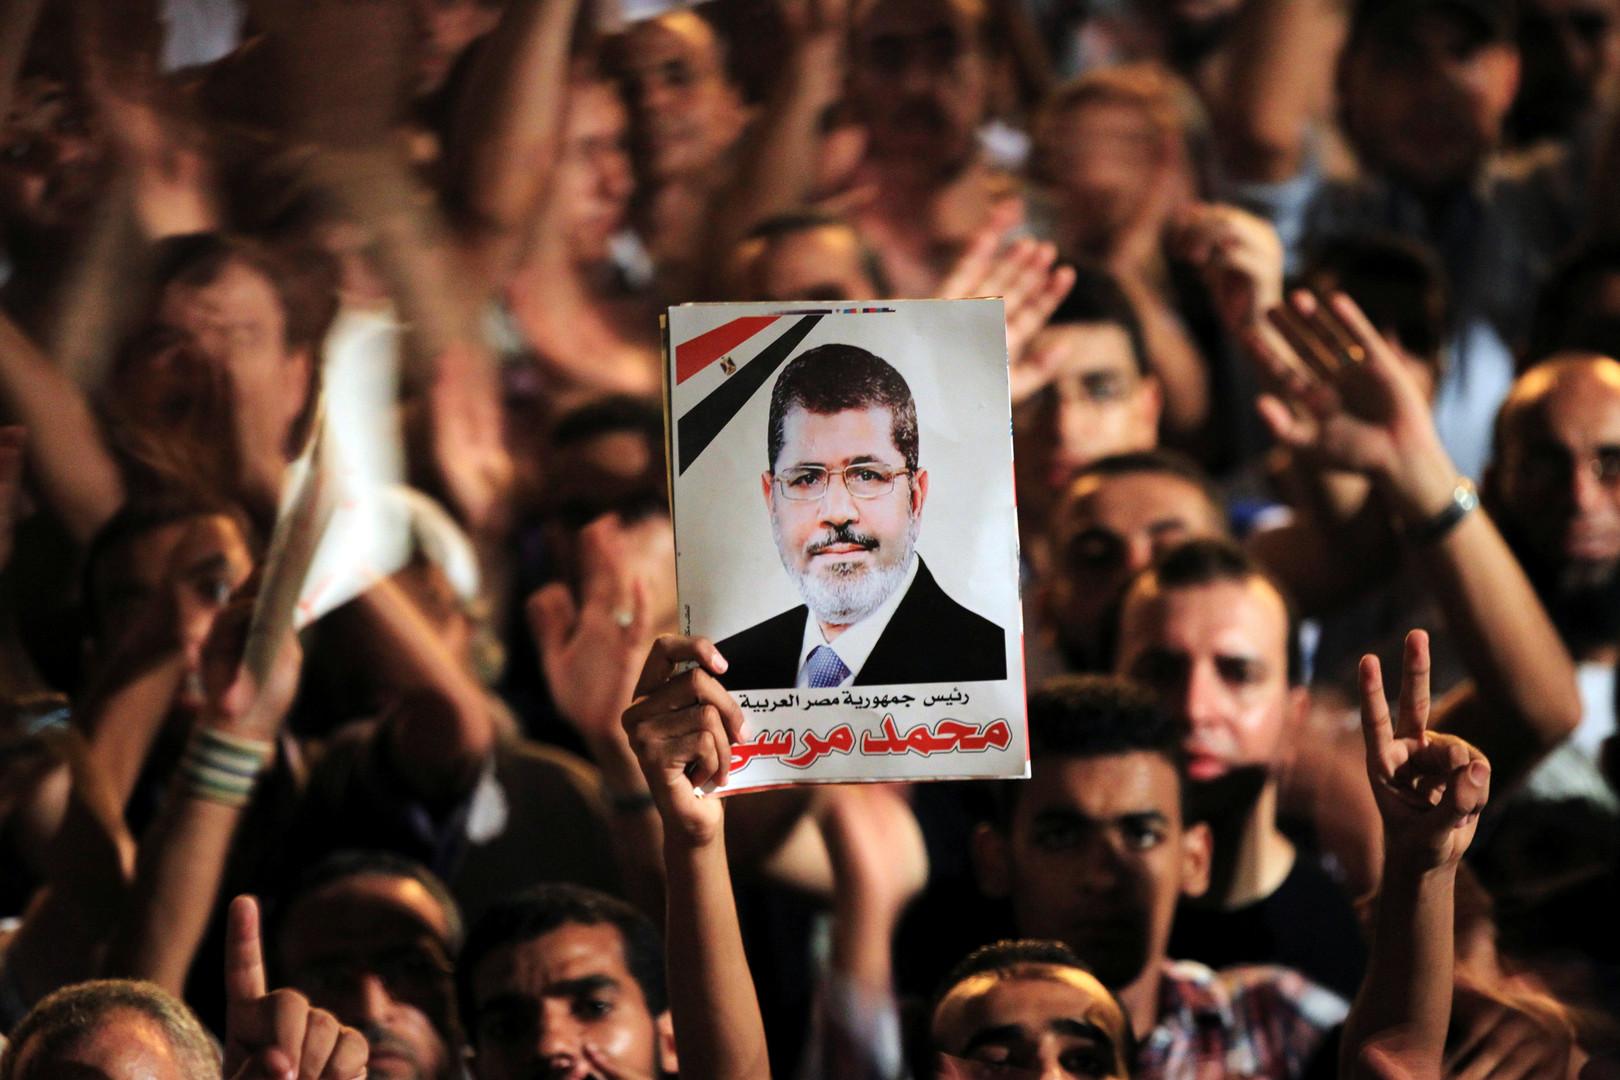 الرئيس المصري الأسبق المتوفى محمد مرسي